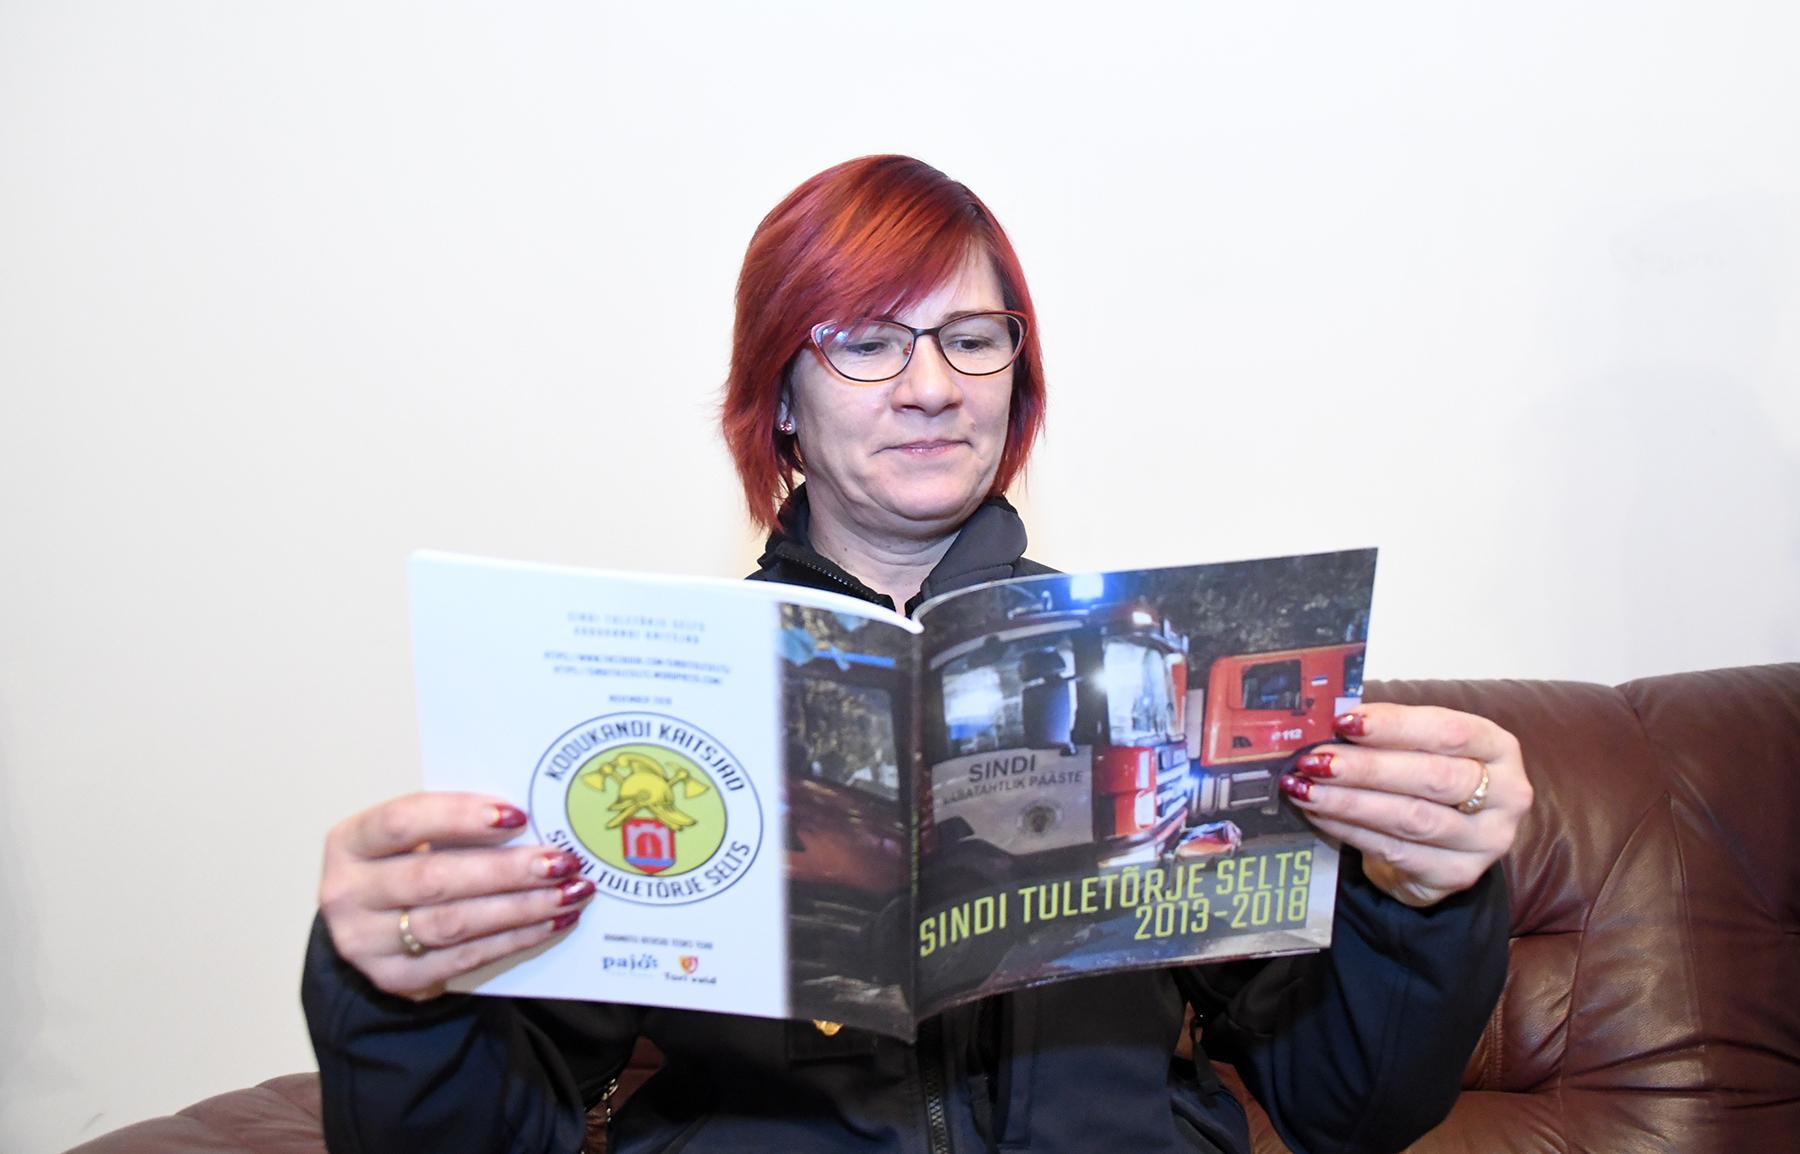 Piirkonnapolitseinik Piret Dreimann lehitseb huviga äsja ilmunud kogumikku Sindi Tuletõrje Selts 2013-2018. Foto Urmas Saard